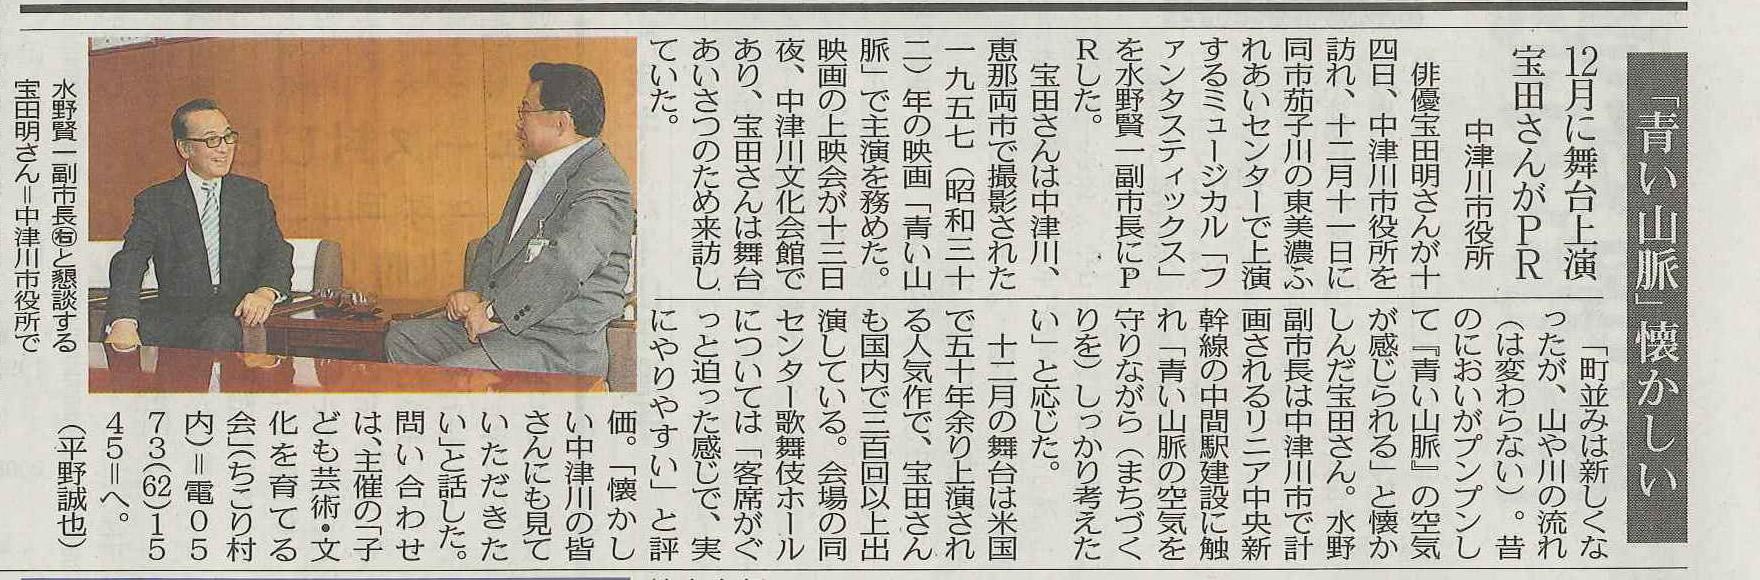 宝田 明氏 中津川市役所訪問_d0063218_12224123.jpg